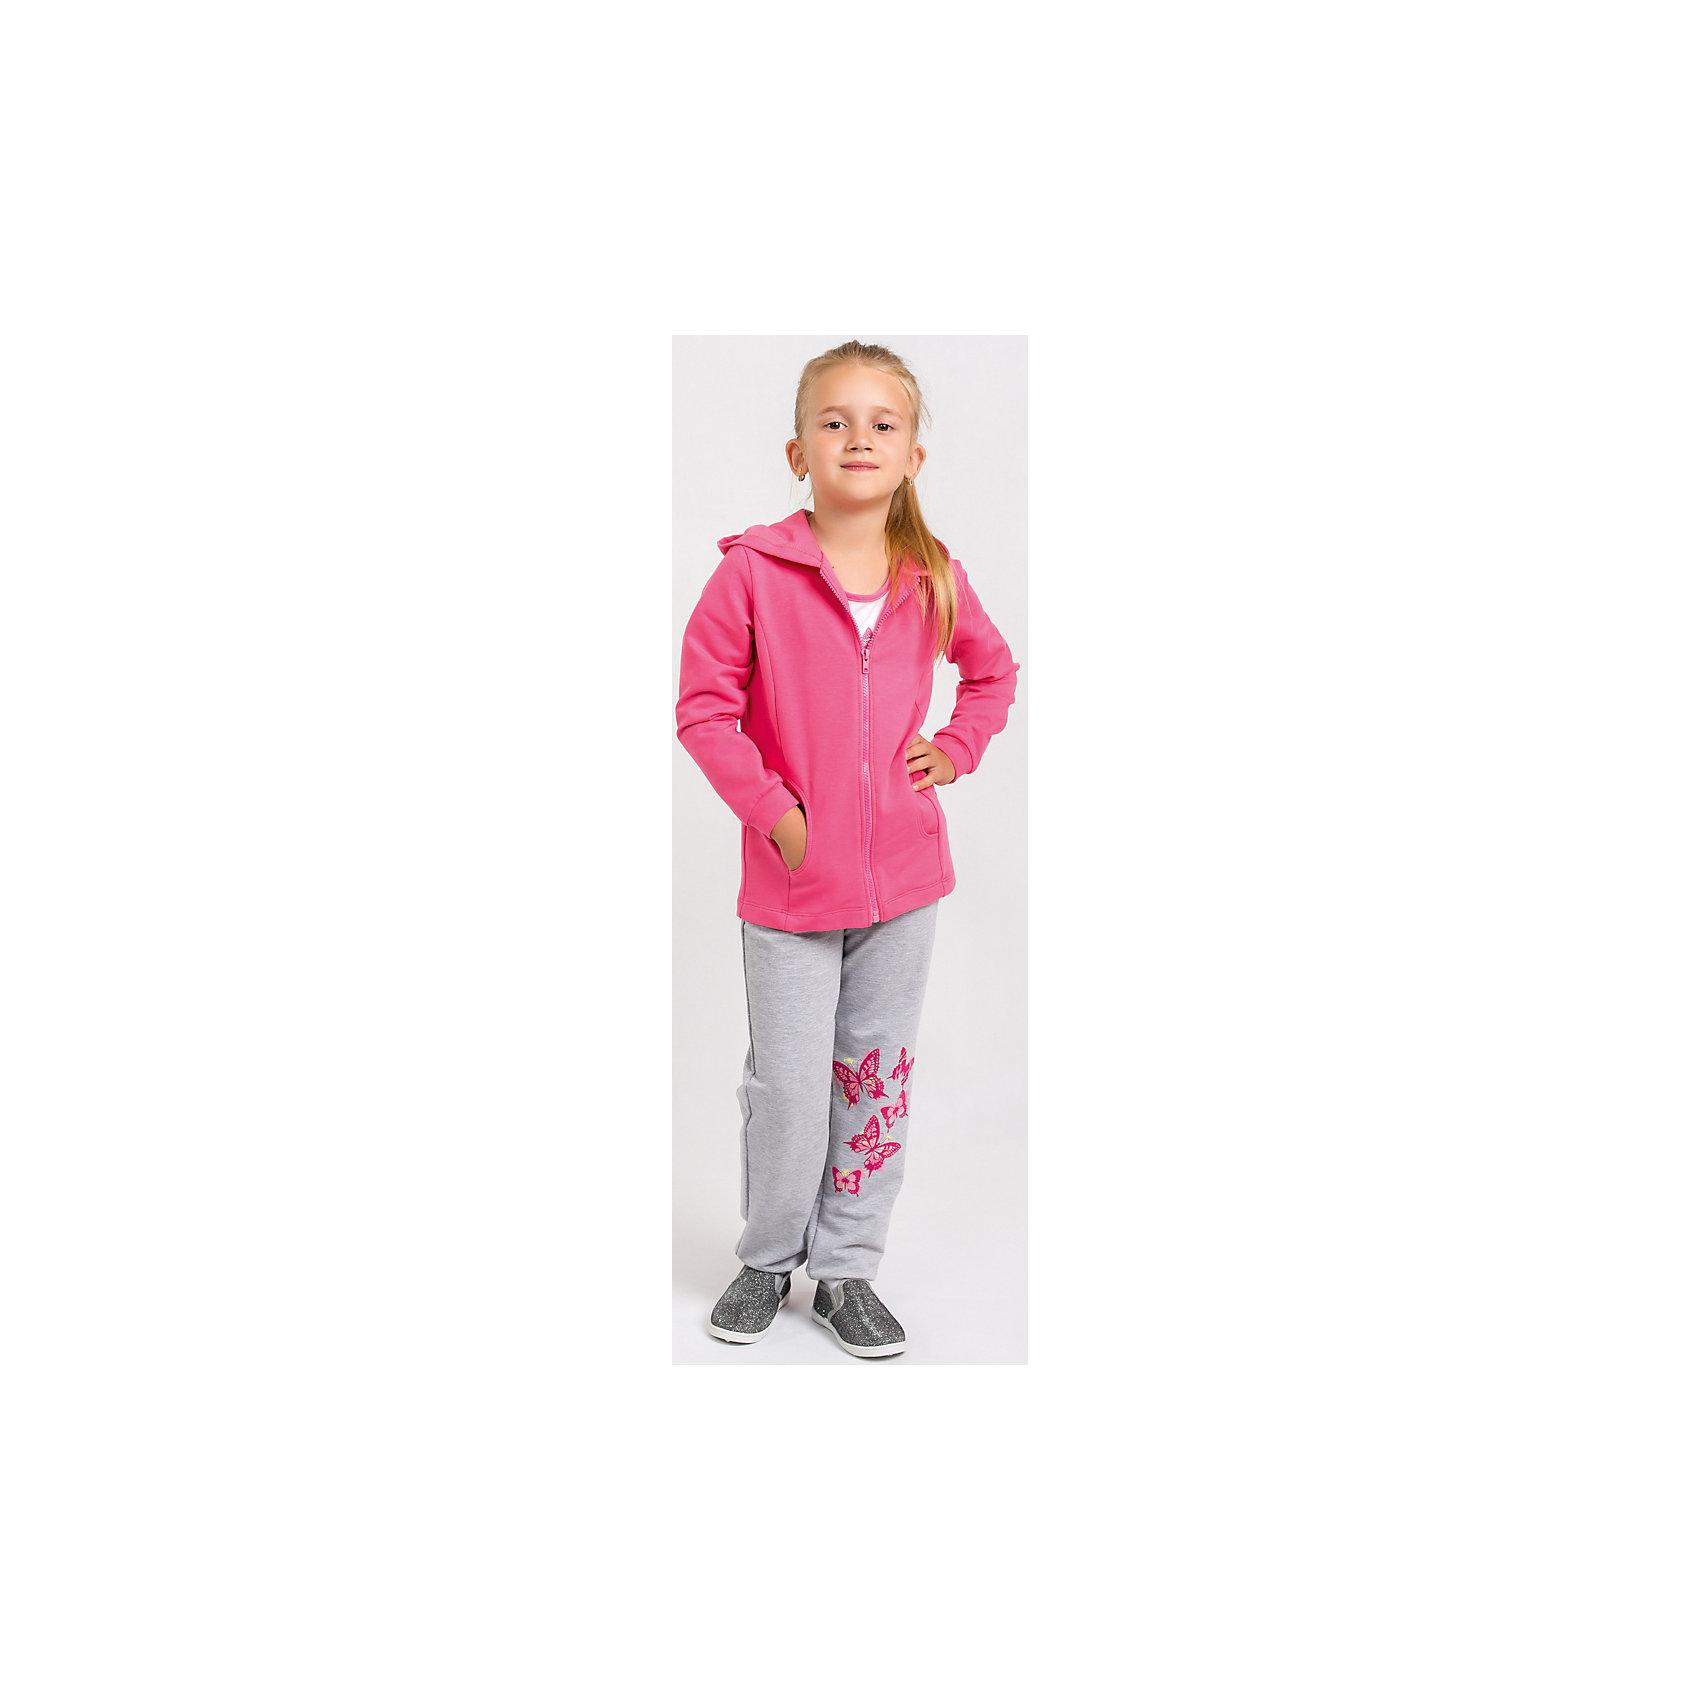 Спортивный костюм для девочкиСпортивный костюм для девочки от белорусской марки Goldy. Костюм состоит из толстовки с капюшоном и брюк с манжетами.<br>Состав:<br>футер компакт пенье  (70% хлопок, 26% ПЭ, 4% лайкра)<br><br>Ширина мм: 247<br>Глубина мм: 16<br>Высота мм: 140<br>Вес г: 225<br>Цвет: розовый<br>Возраст от месяцев: 36<br>Возраст до месяцев: 48<br>Пол: Женский<br>Возраст: Детский<br>Размер: 104,98,128,122,116,110<br>SKU: 4921257